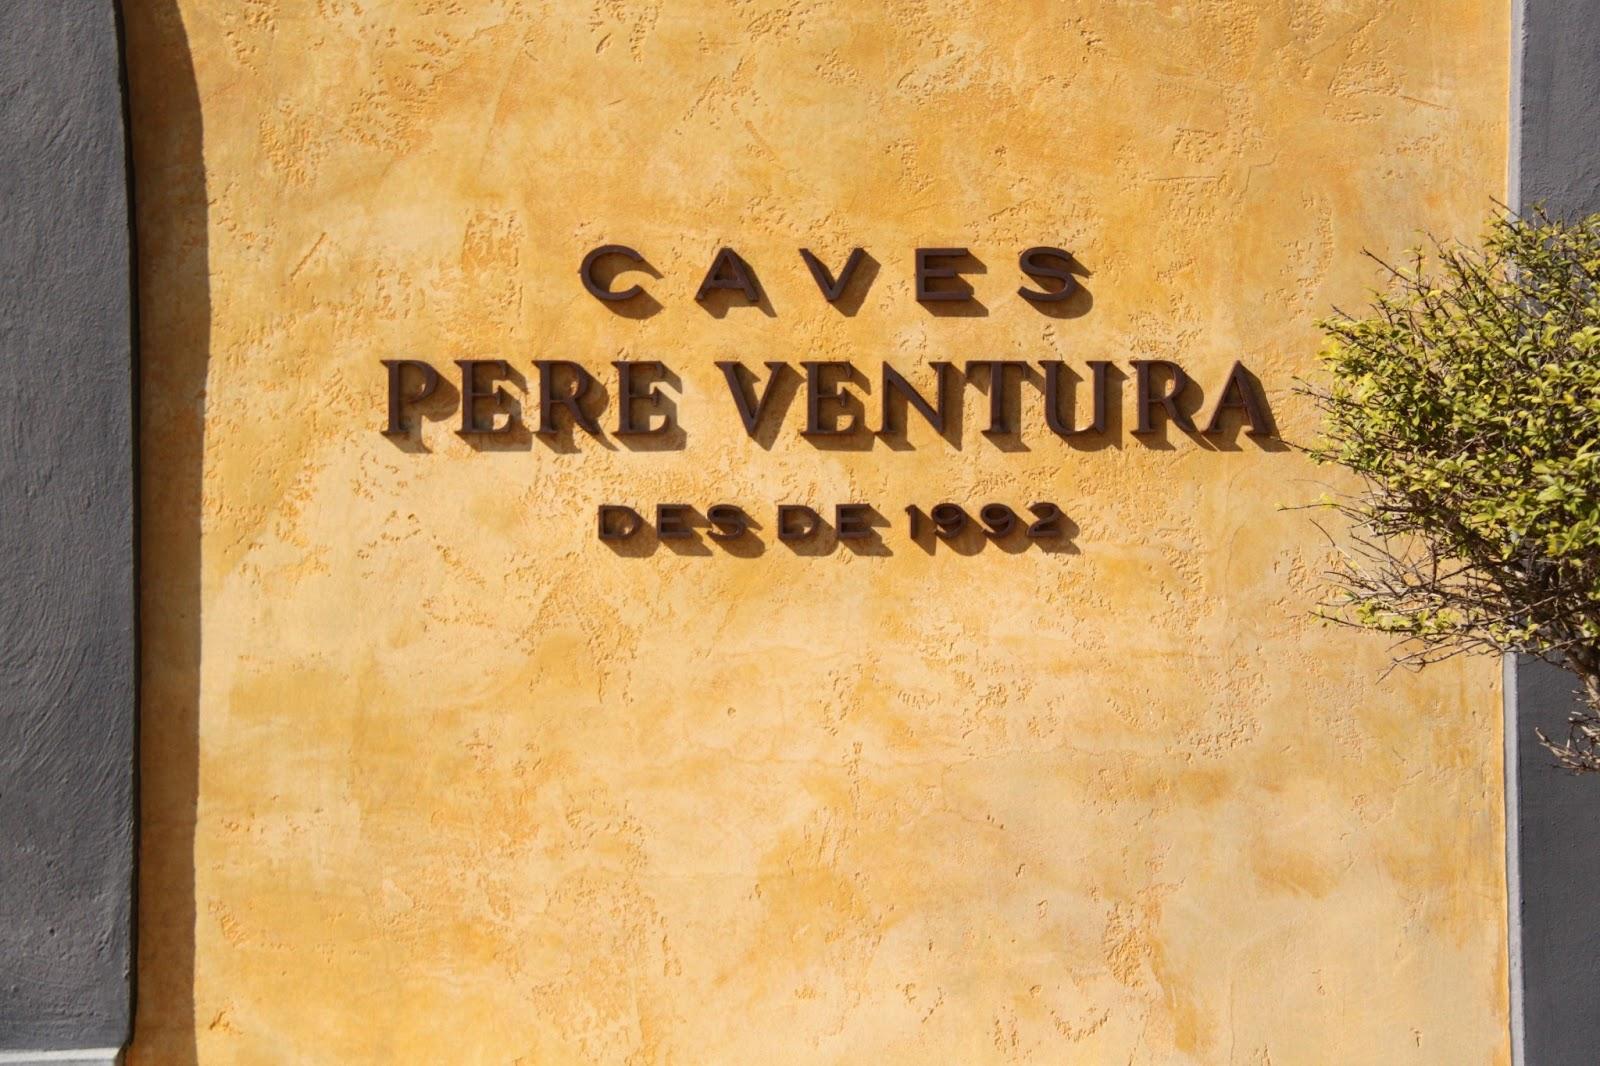 El regalo especial, cava Pere Ventura